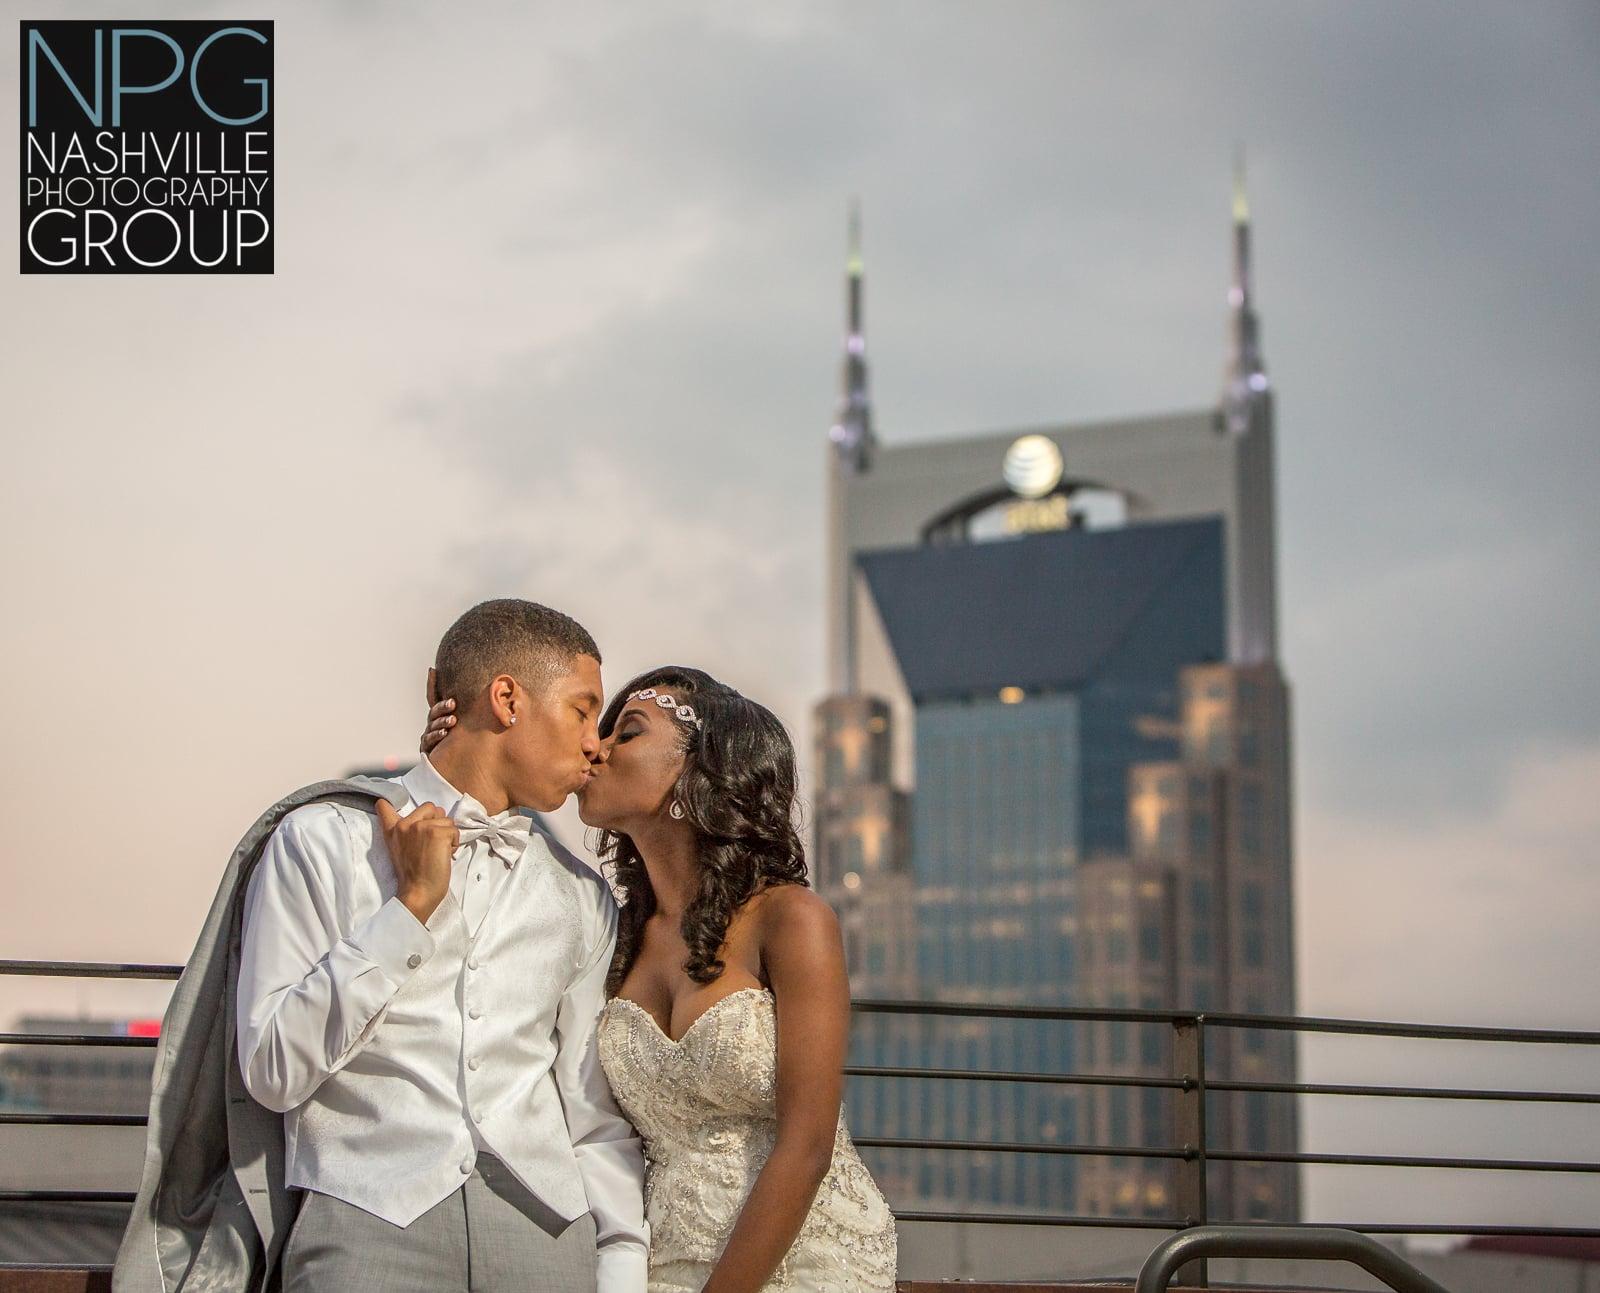 Nashville Photography Group wedding photographers-2.jpg